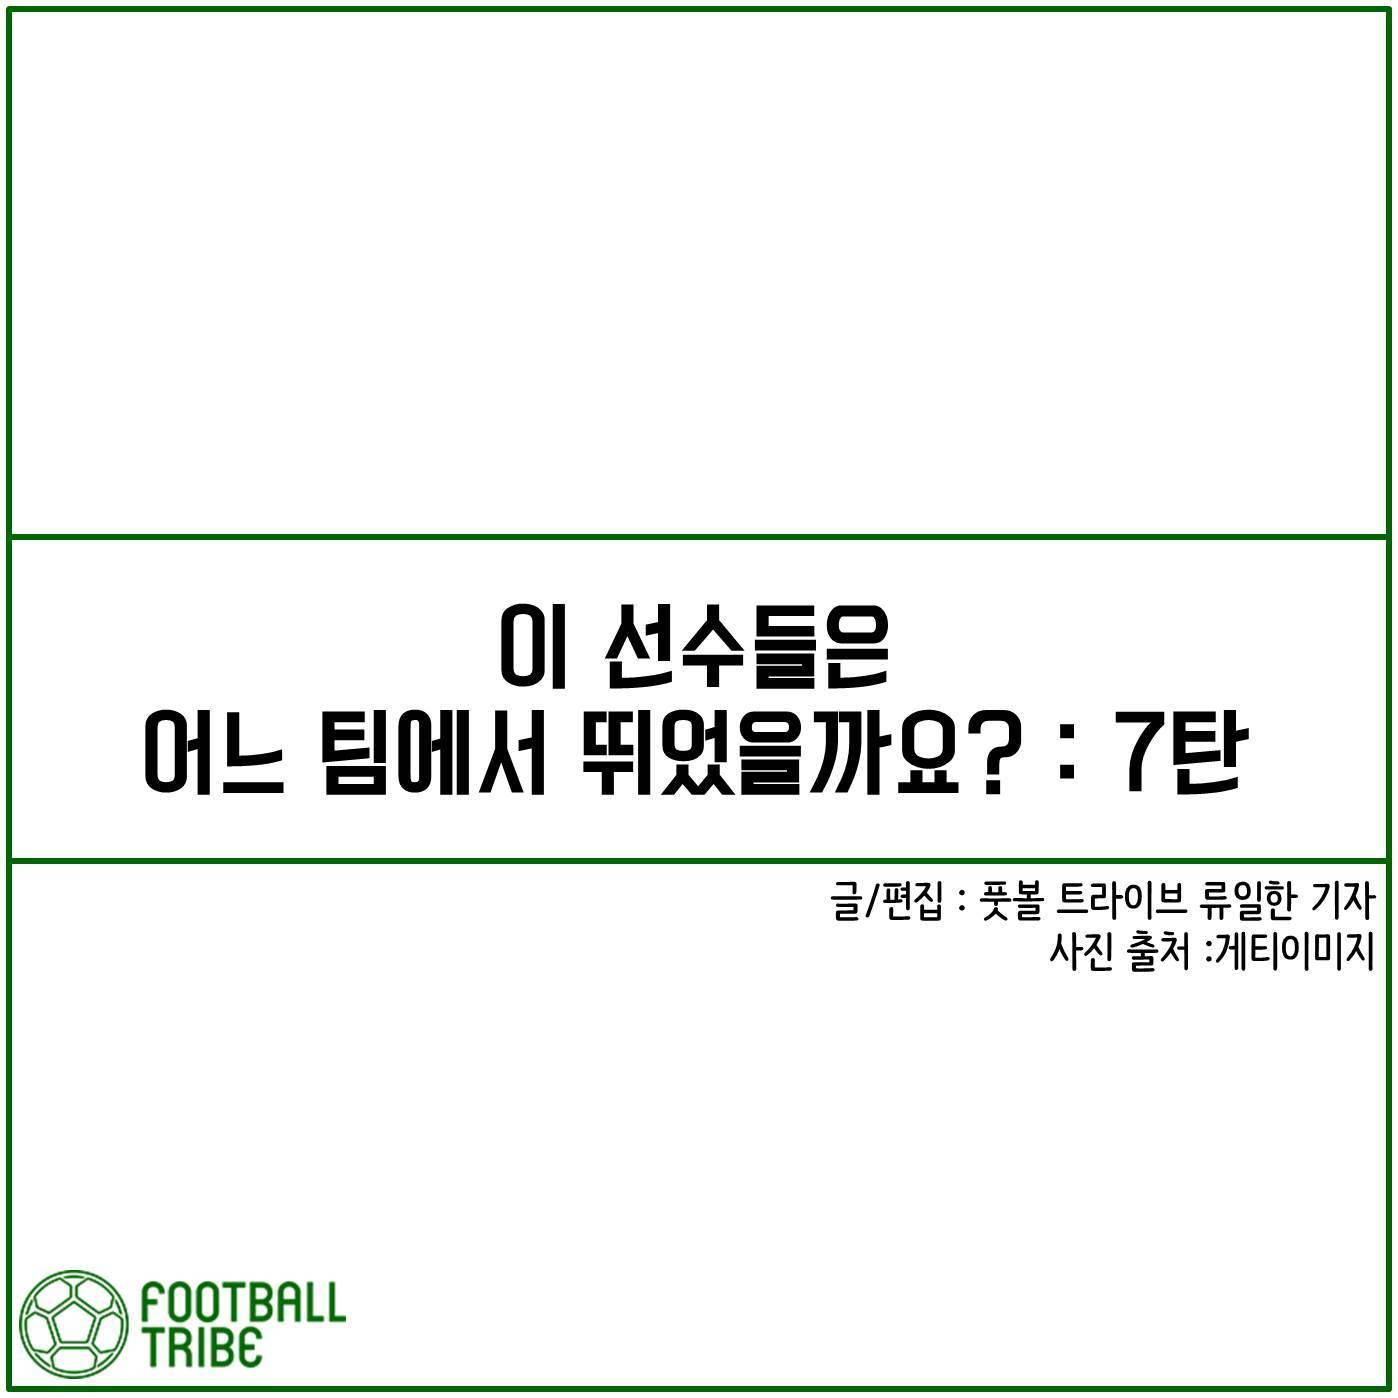 [카드 뉴스] 이 선수들은 어느 팀에서 뛰었을까요?: 7탄